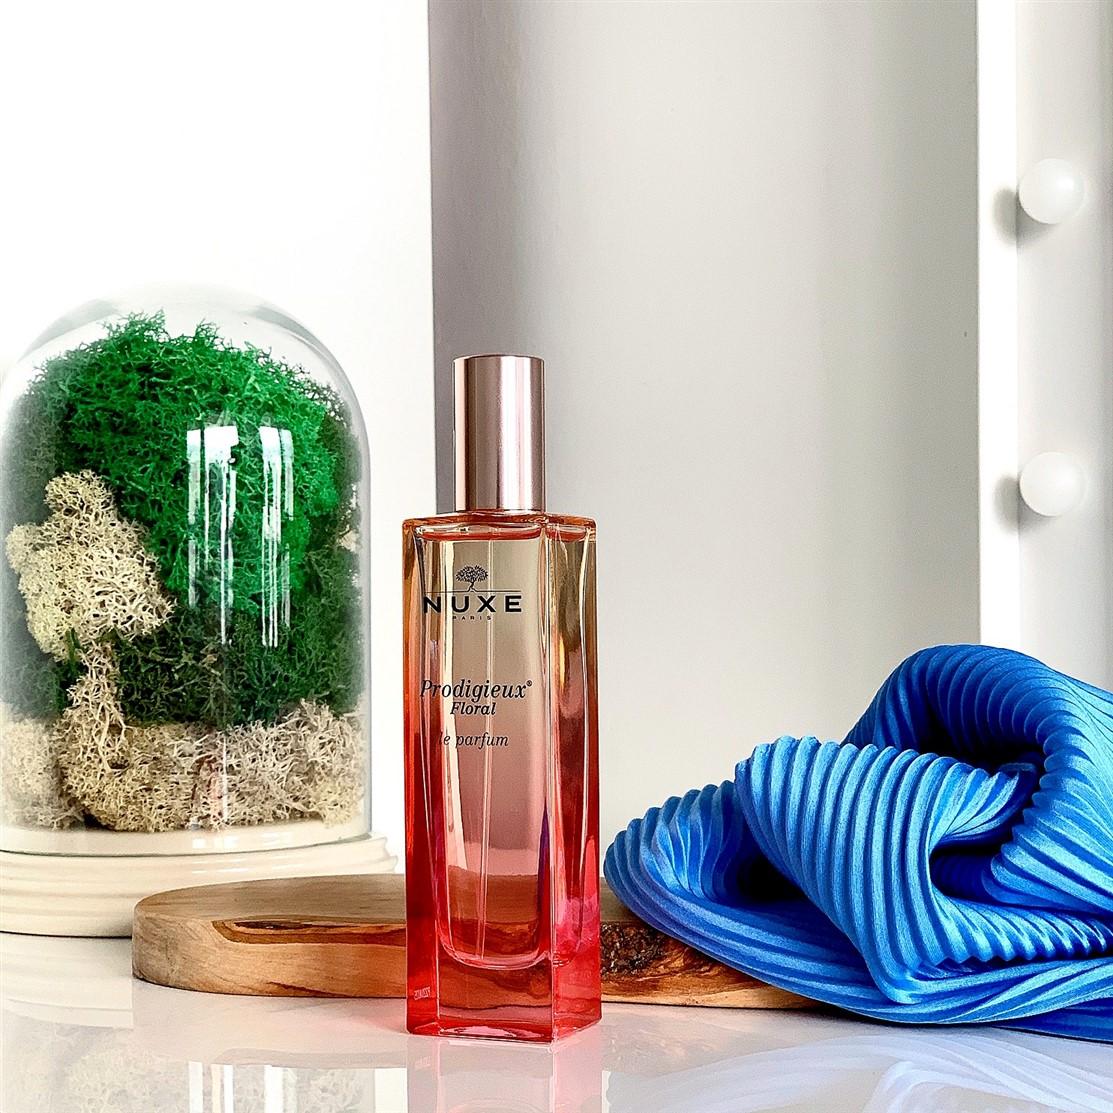 Nuxe Prodigieux Floral le parfum blog